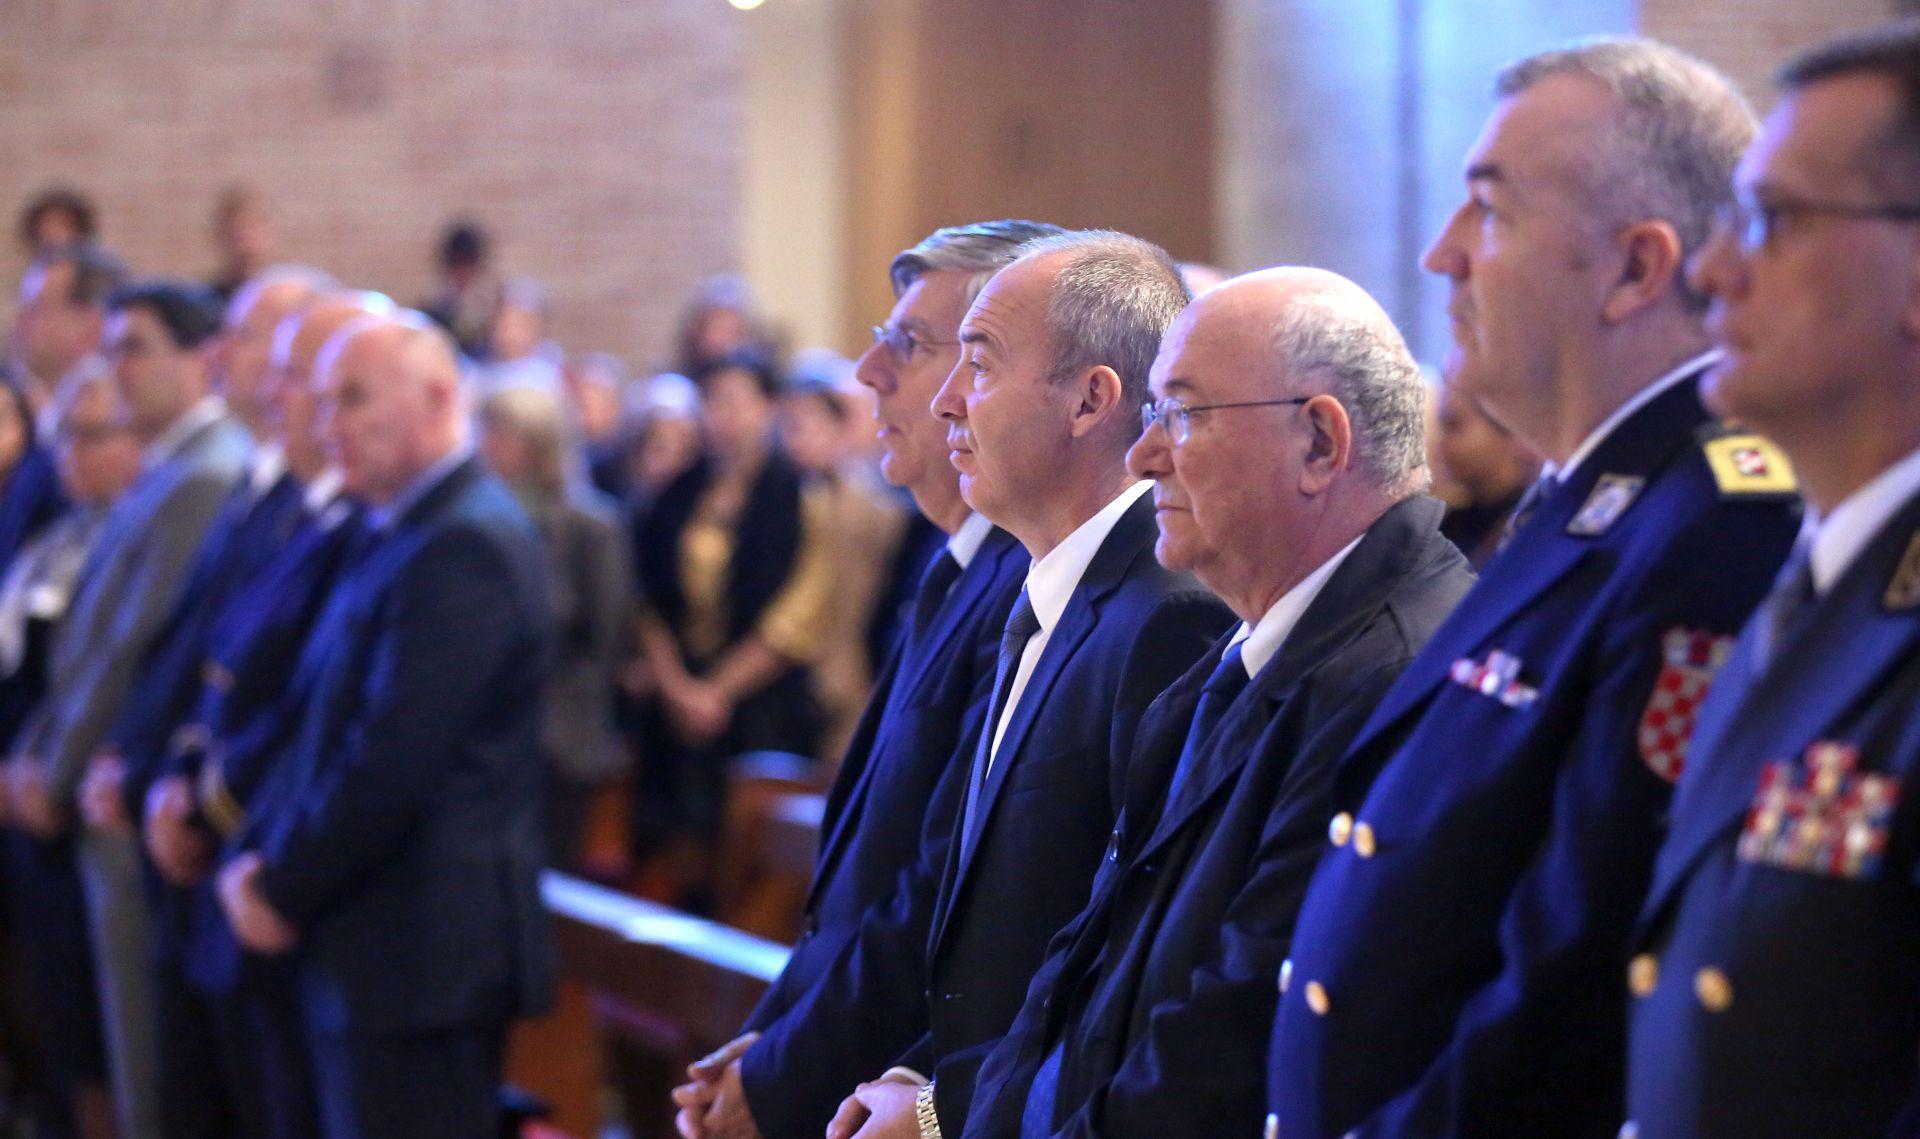 Održana misa zadušnica za poginule branitelje